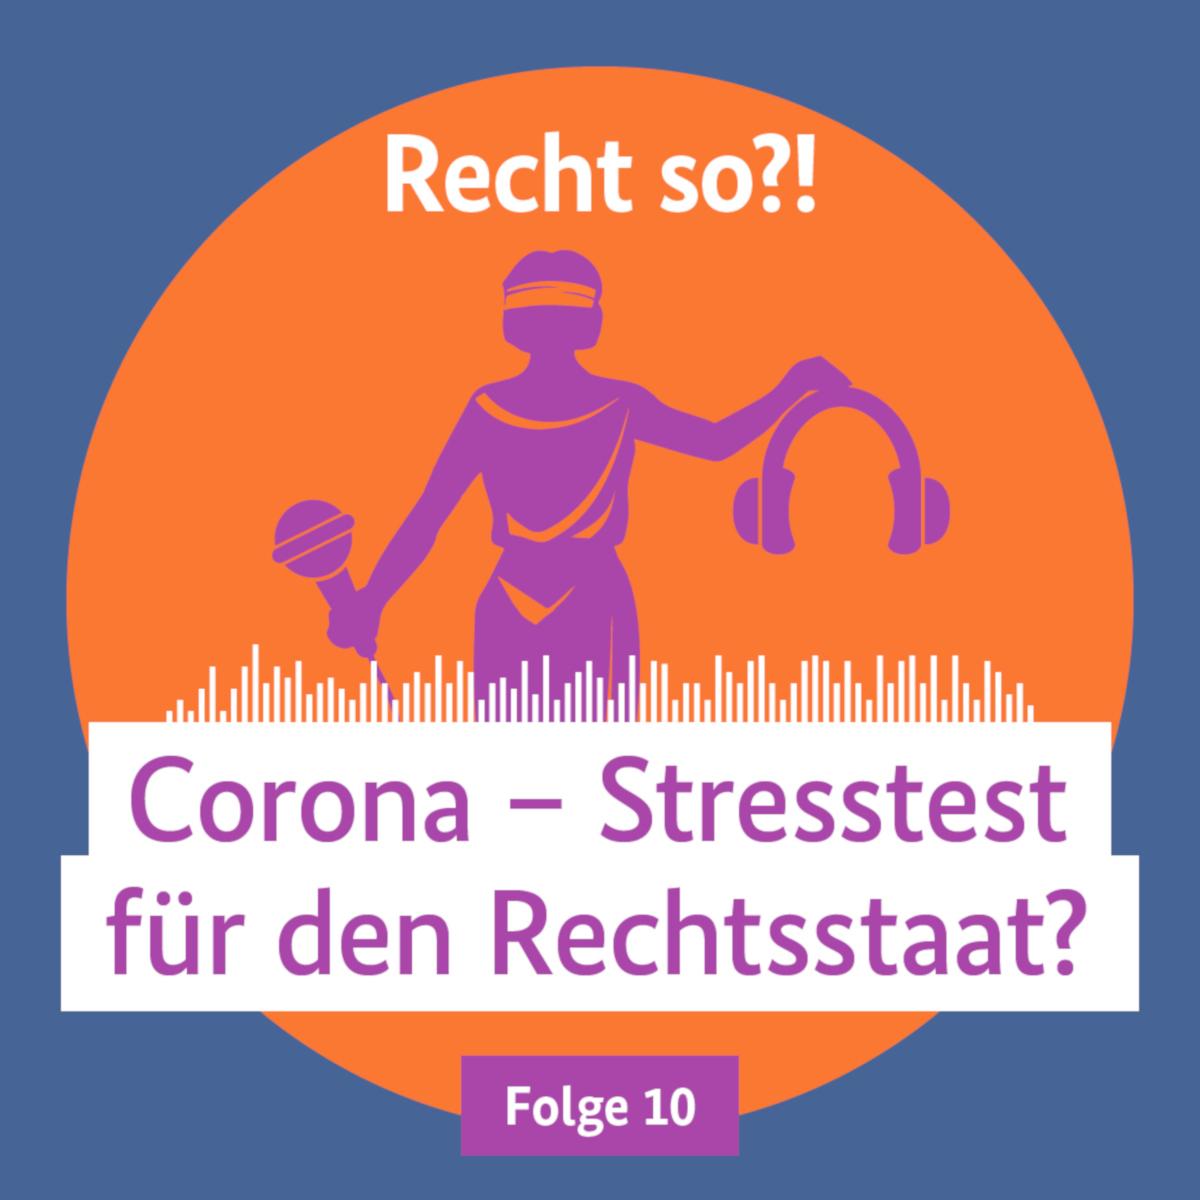 Corona – Stresstest für den Rechtsstaat?